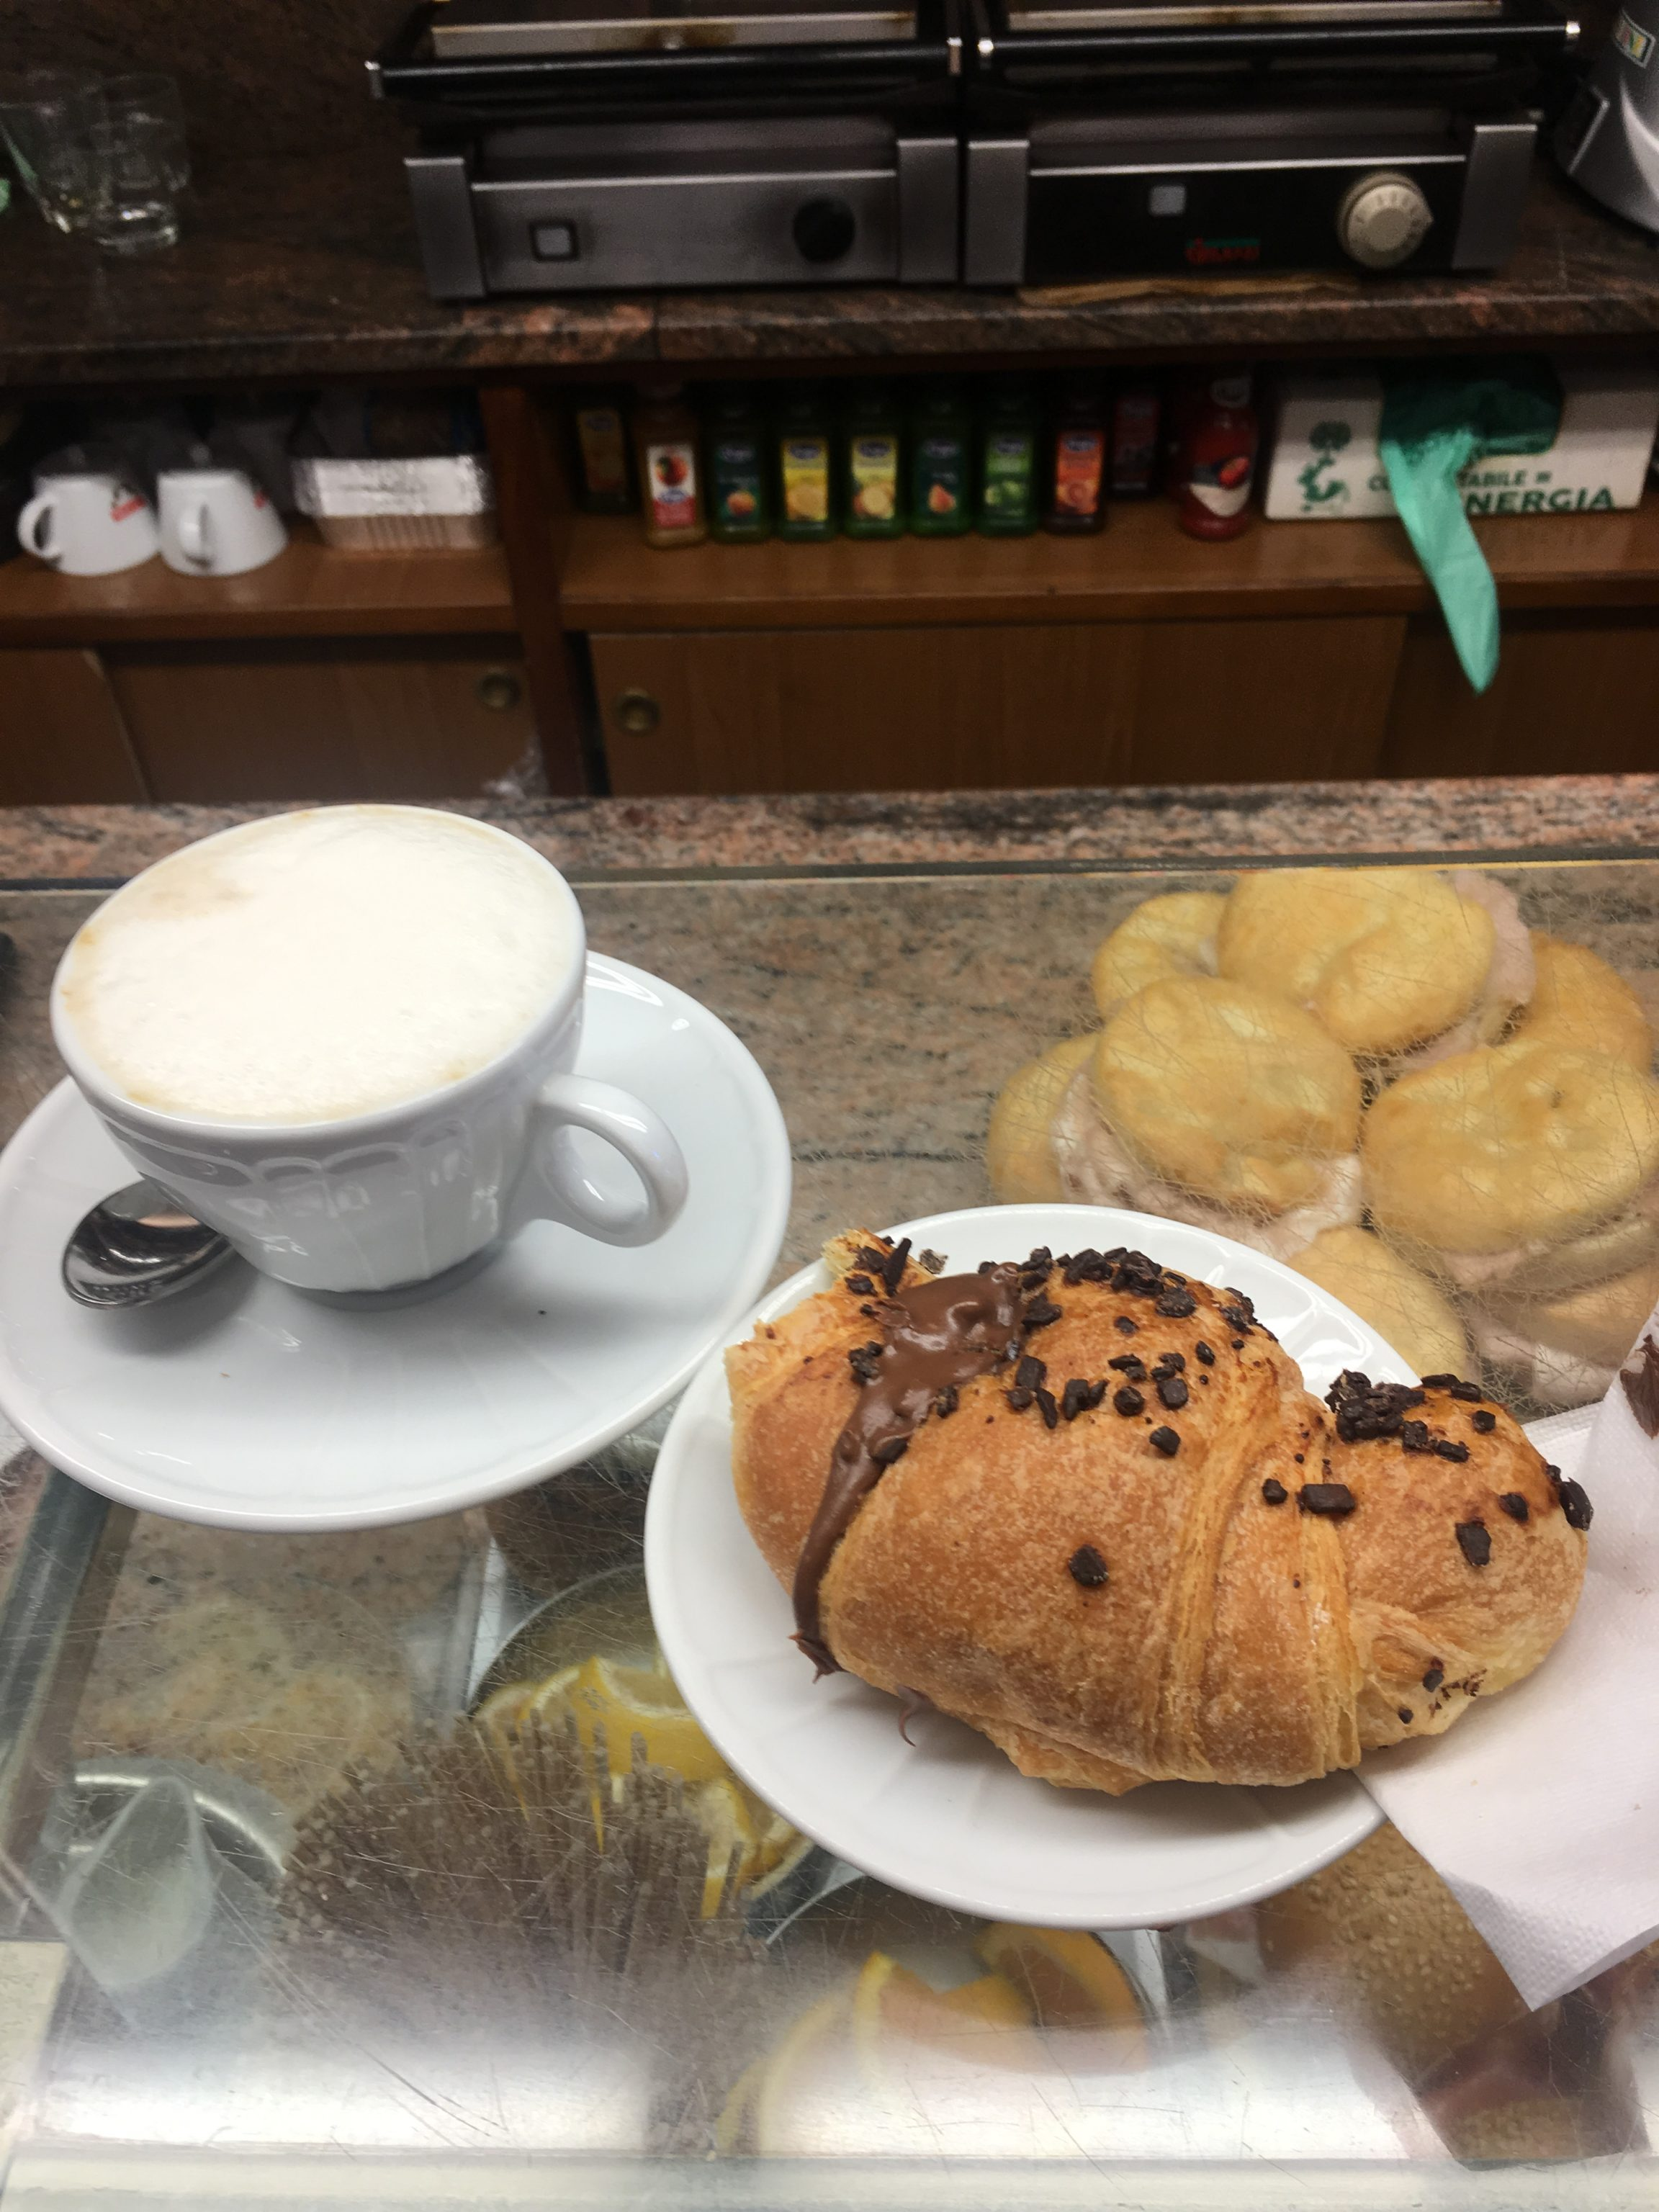 Cappuccino and brioche